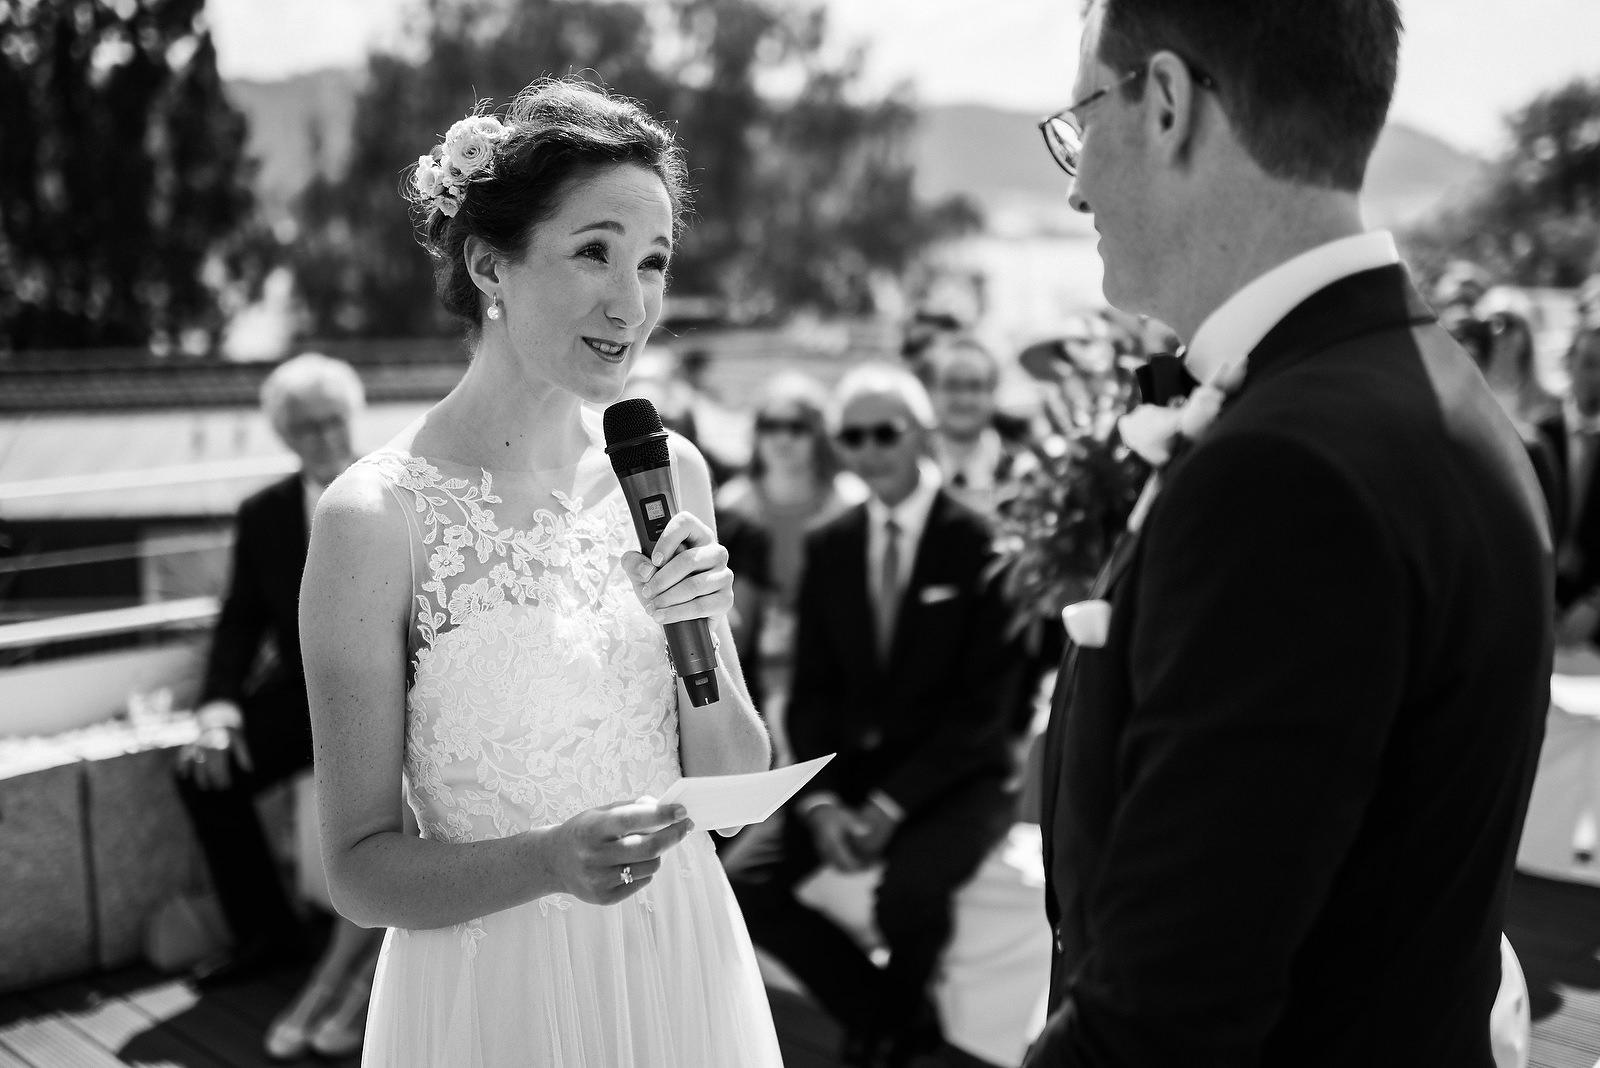 Fotograf Konstanz - Hochzeitsfotograf Bodensee Zollhaus Ludwigshafen Hochzeit Konstanz EFP 028 - Hochzeitsreportage im Zollhaus in Bodman-Ludwigshafen, Bodensee  - 161 -